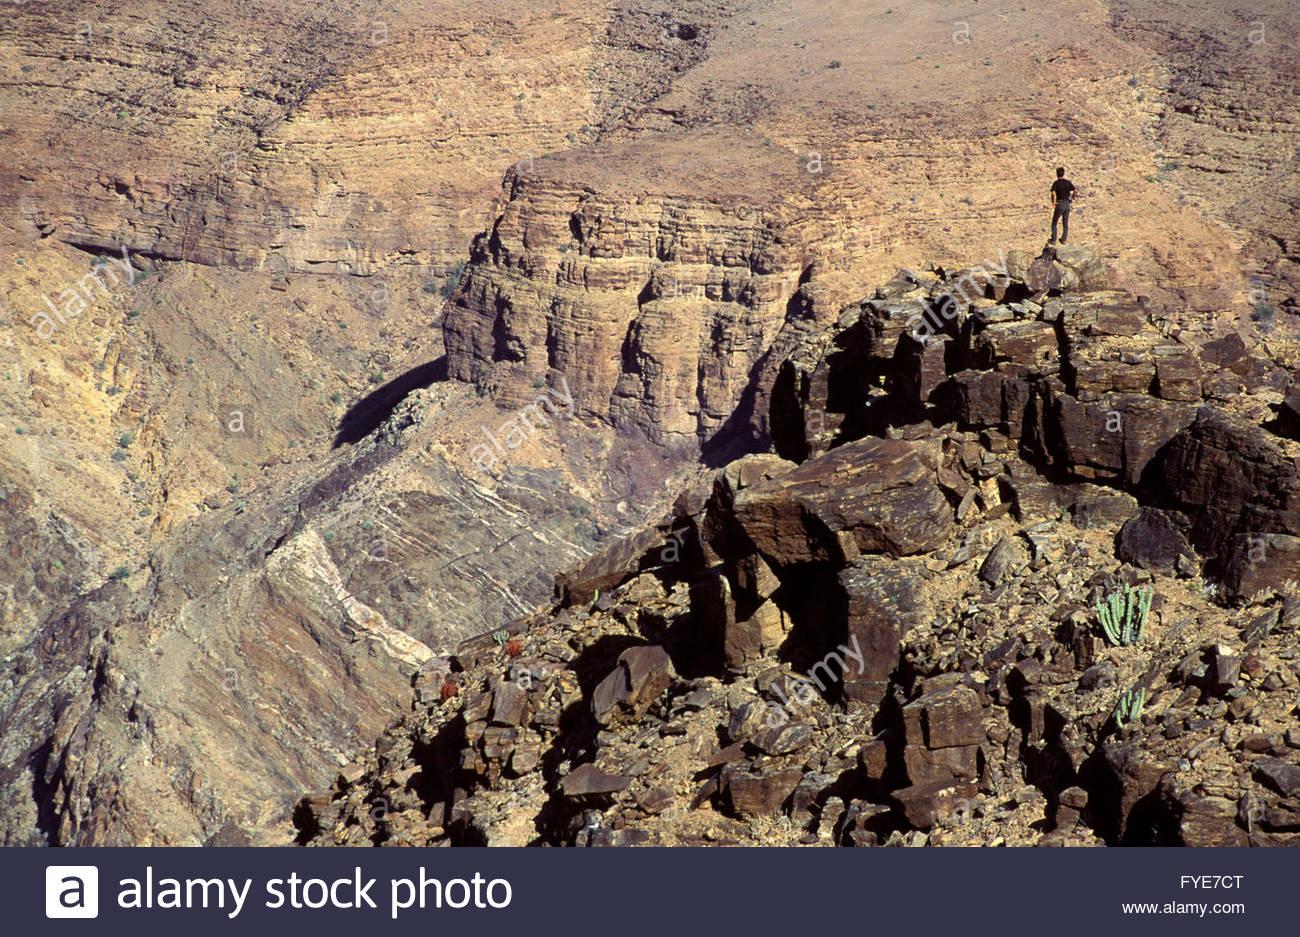 Fish river canyon Namibia - Stock Image